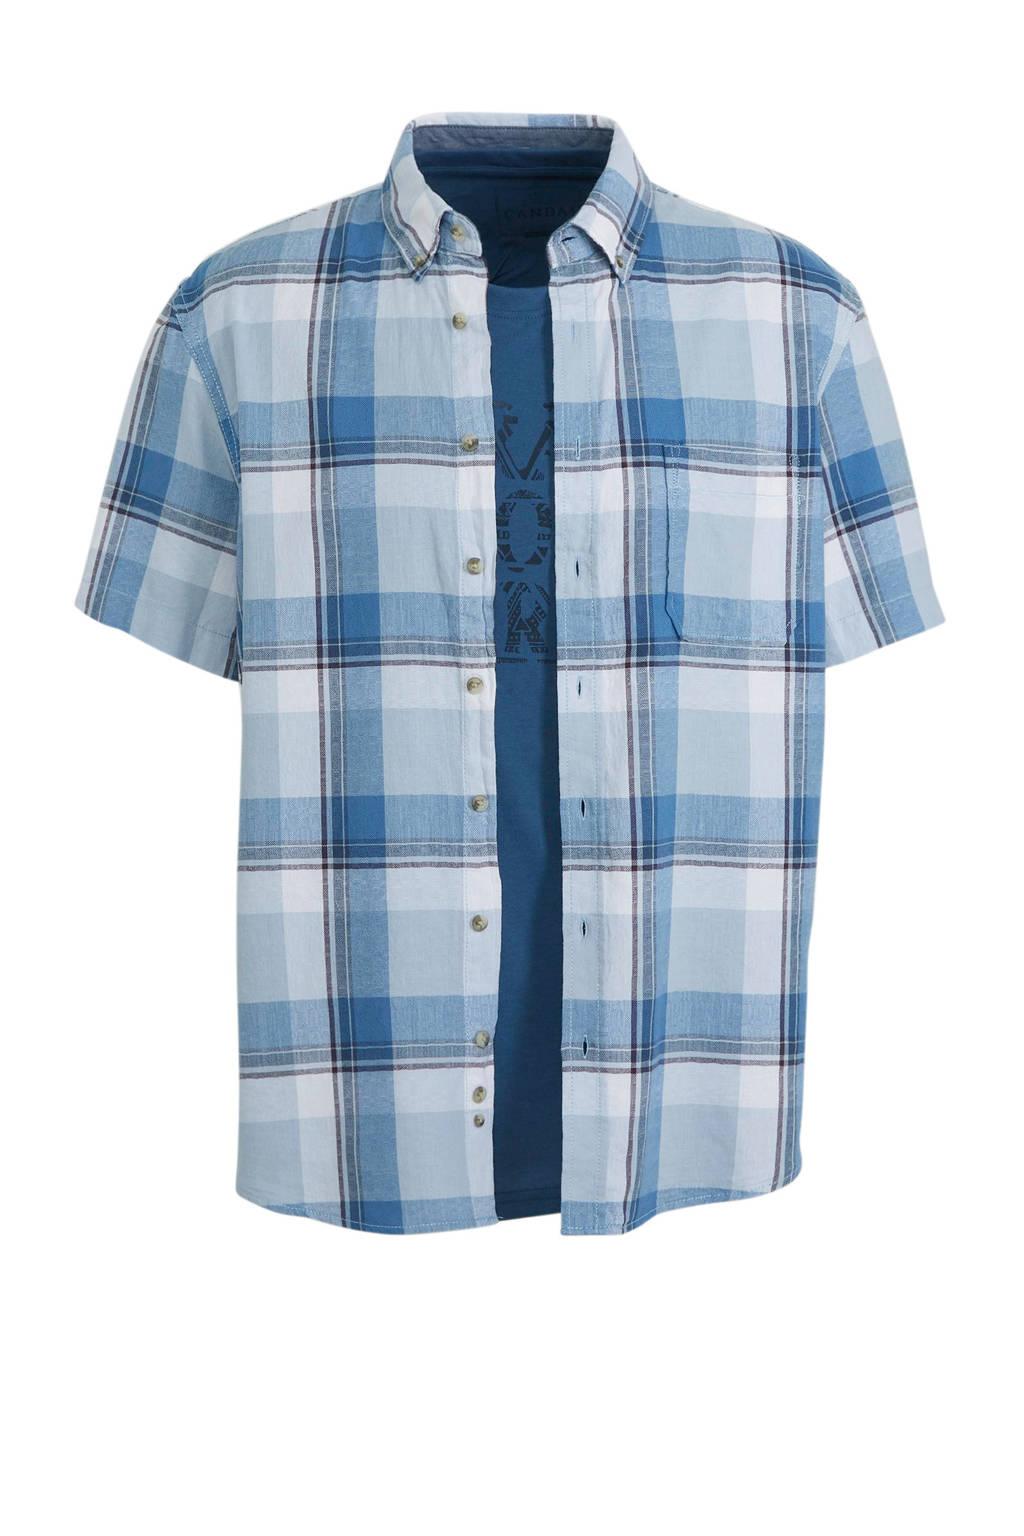 C&A Canda overhemd met T-shirt, Blauw